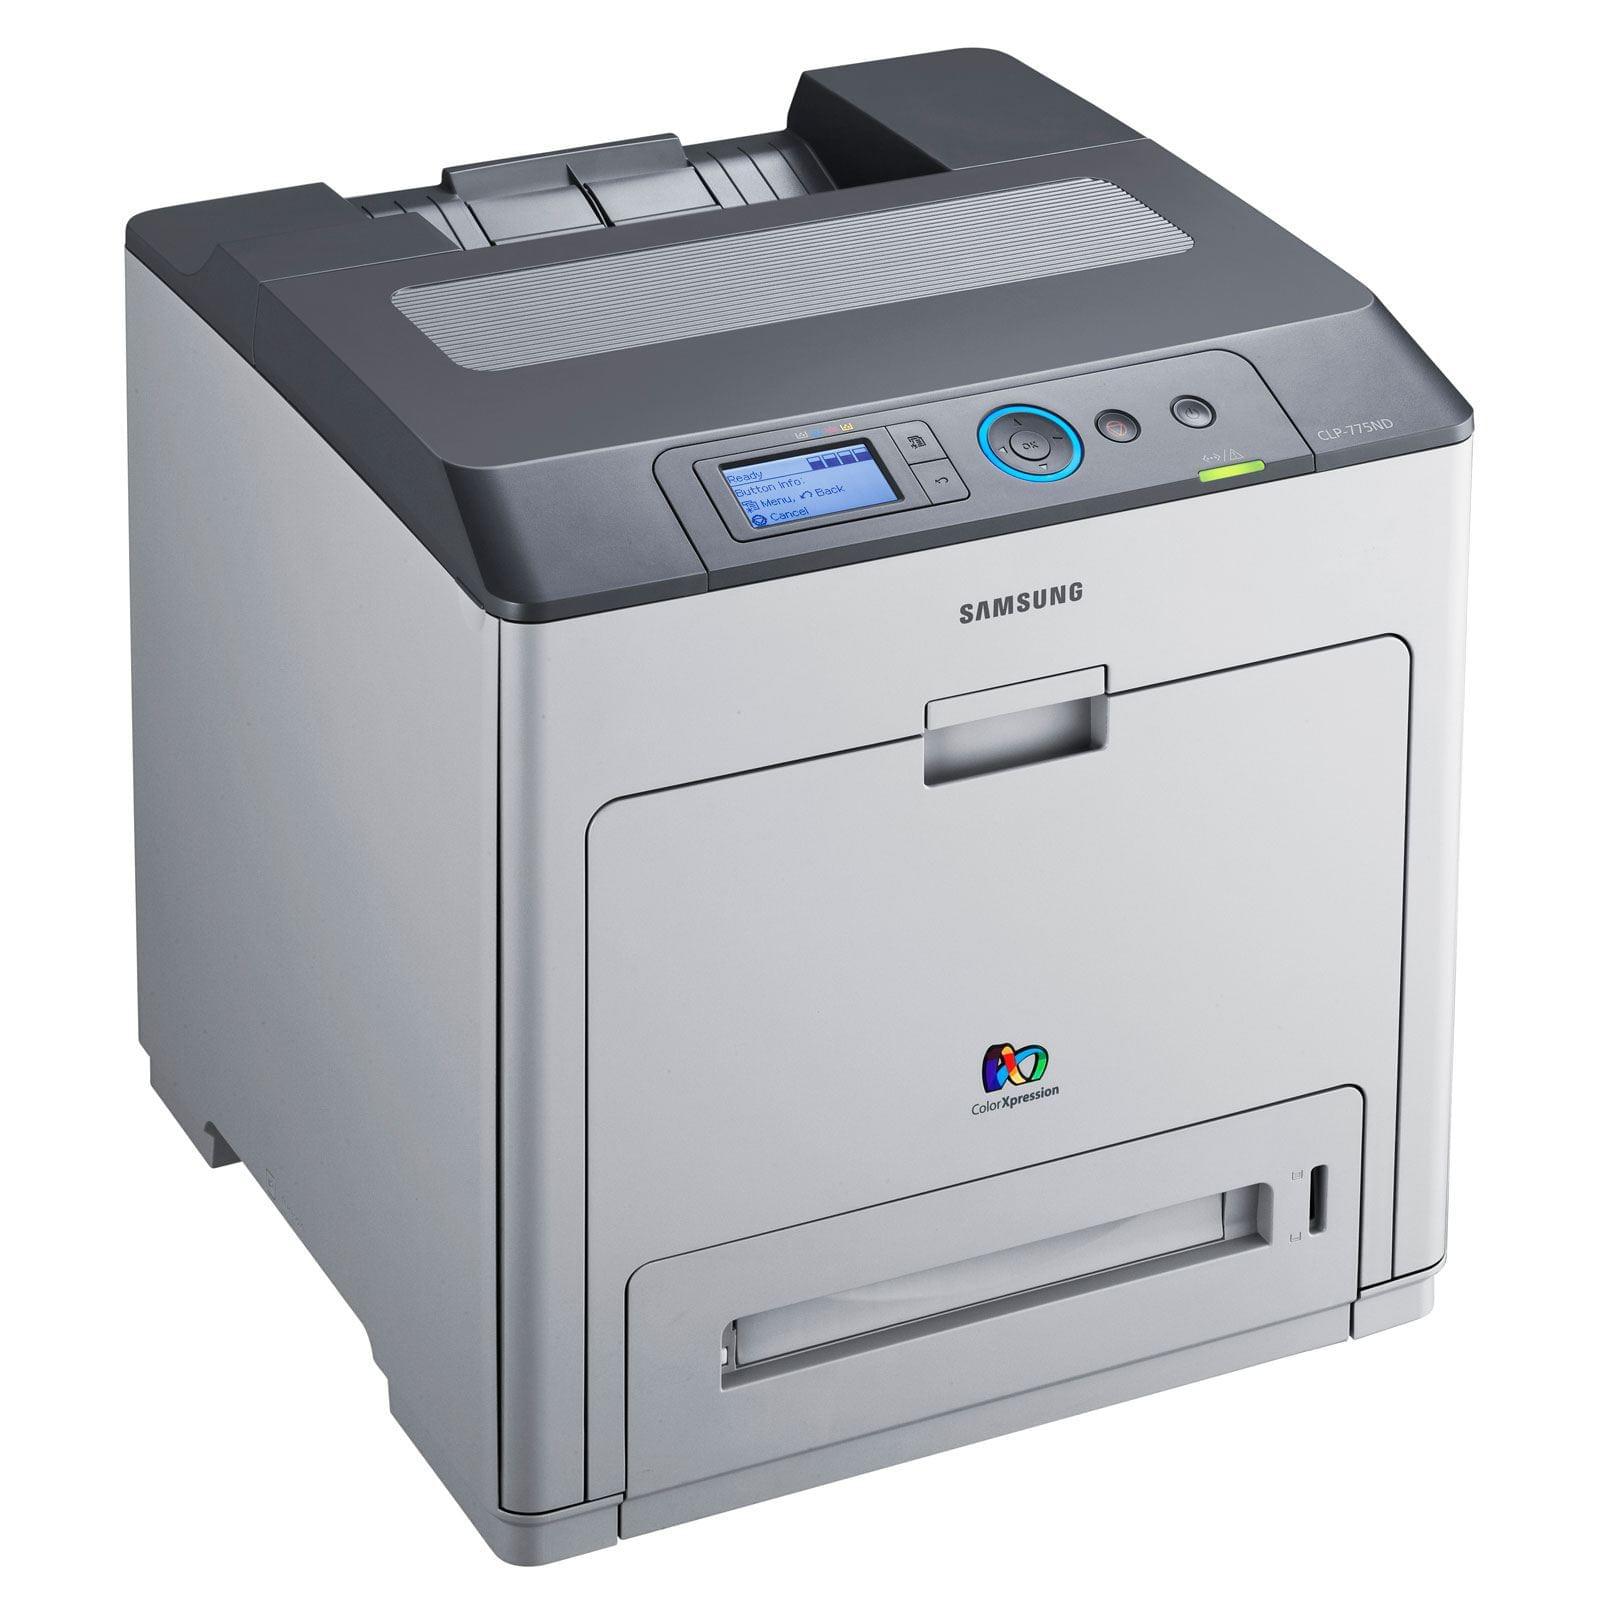 Imprimante Samsung CLP-775ND - Cybertek.fr - 0